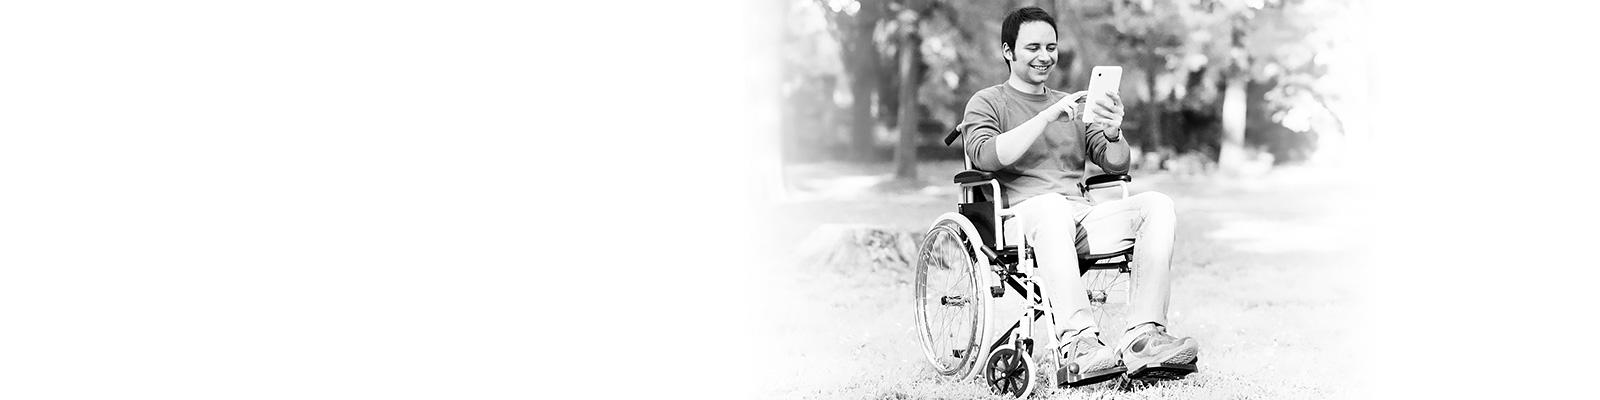 車椅子 モバイル 公園 イメージ